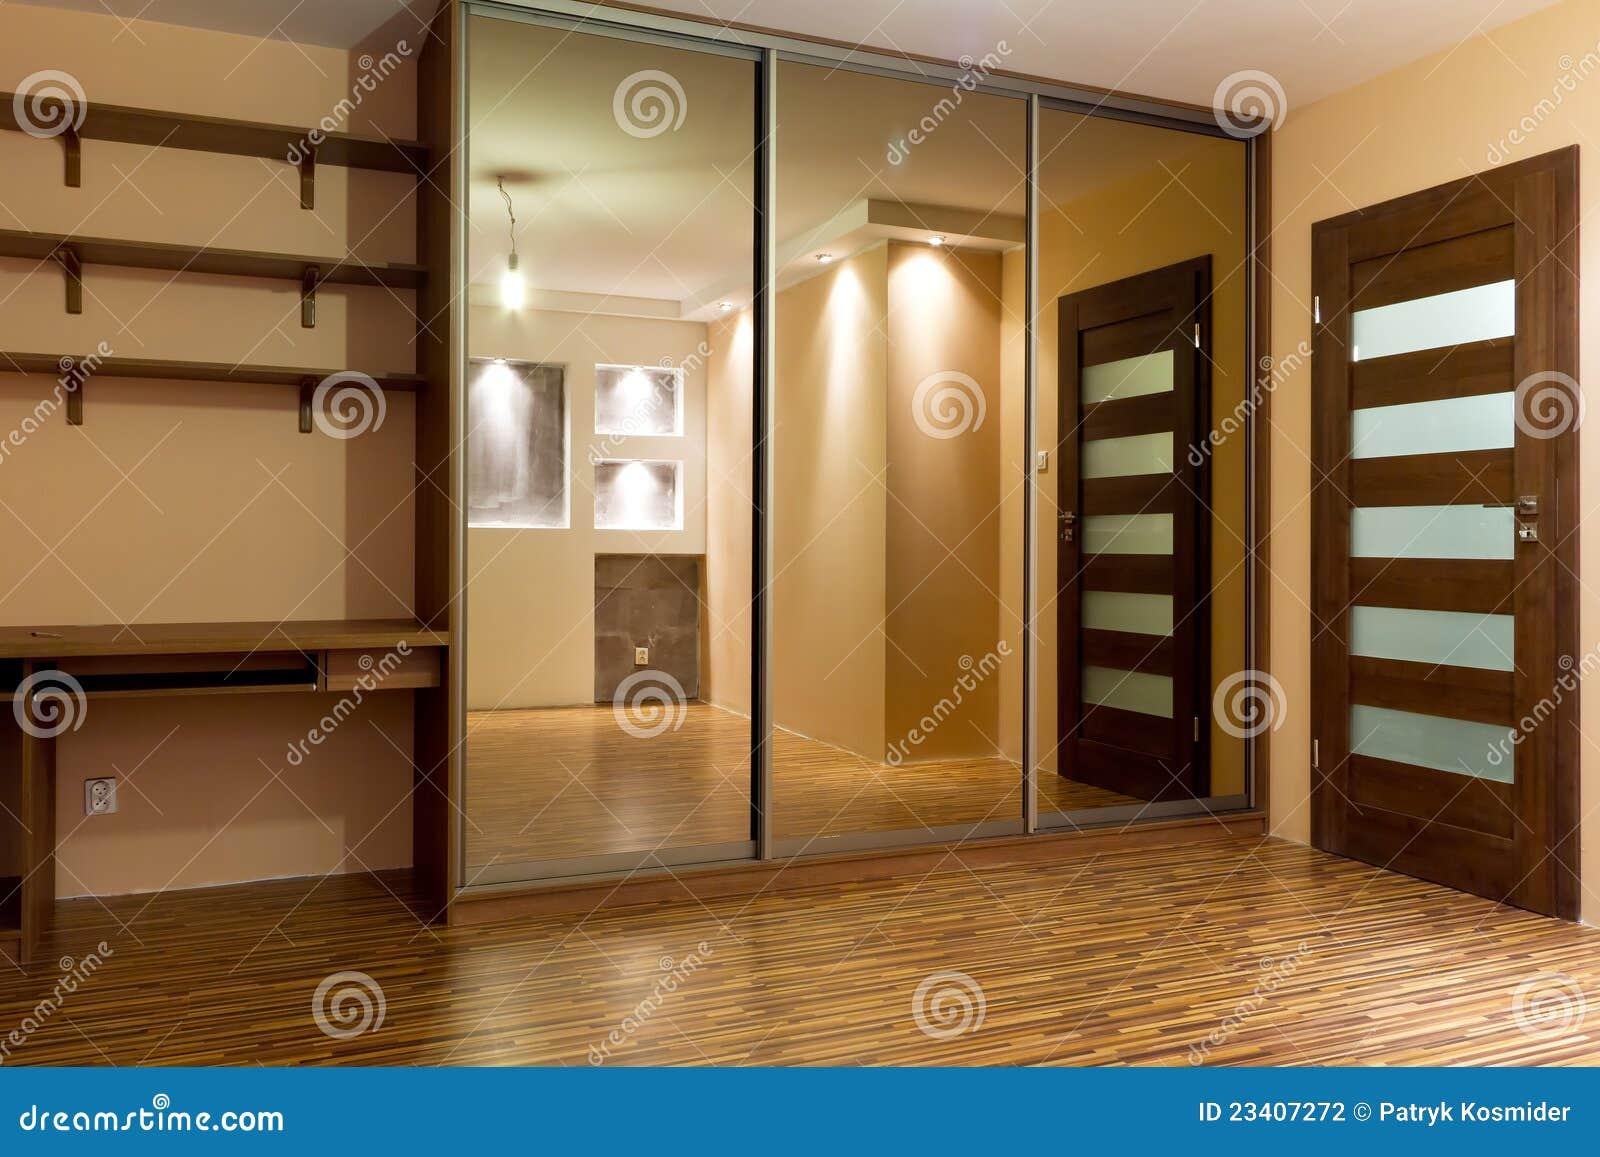 sehr gro e garderobe der modernen wohnung stockfotografie. Black Bedroom Furniture Sets. Home Design Ideas